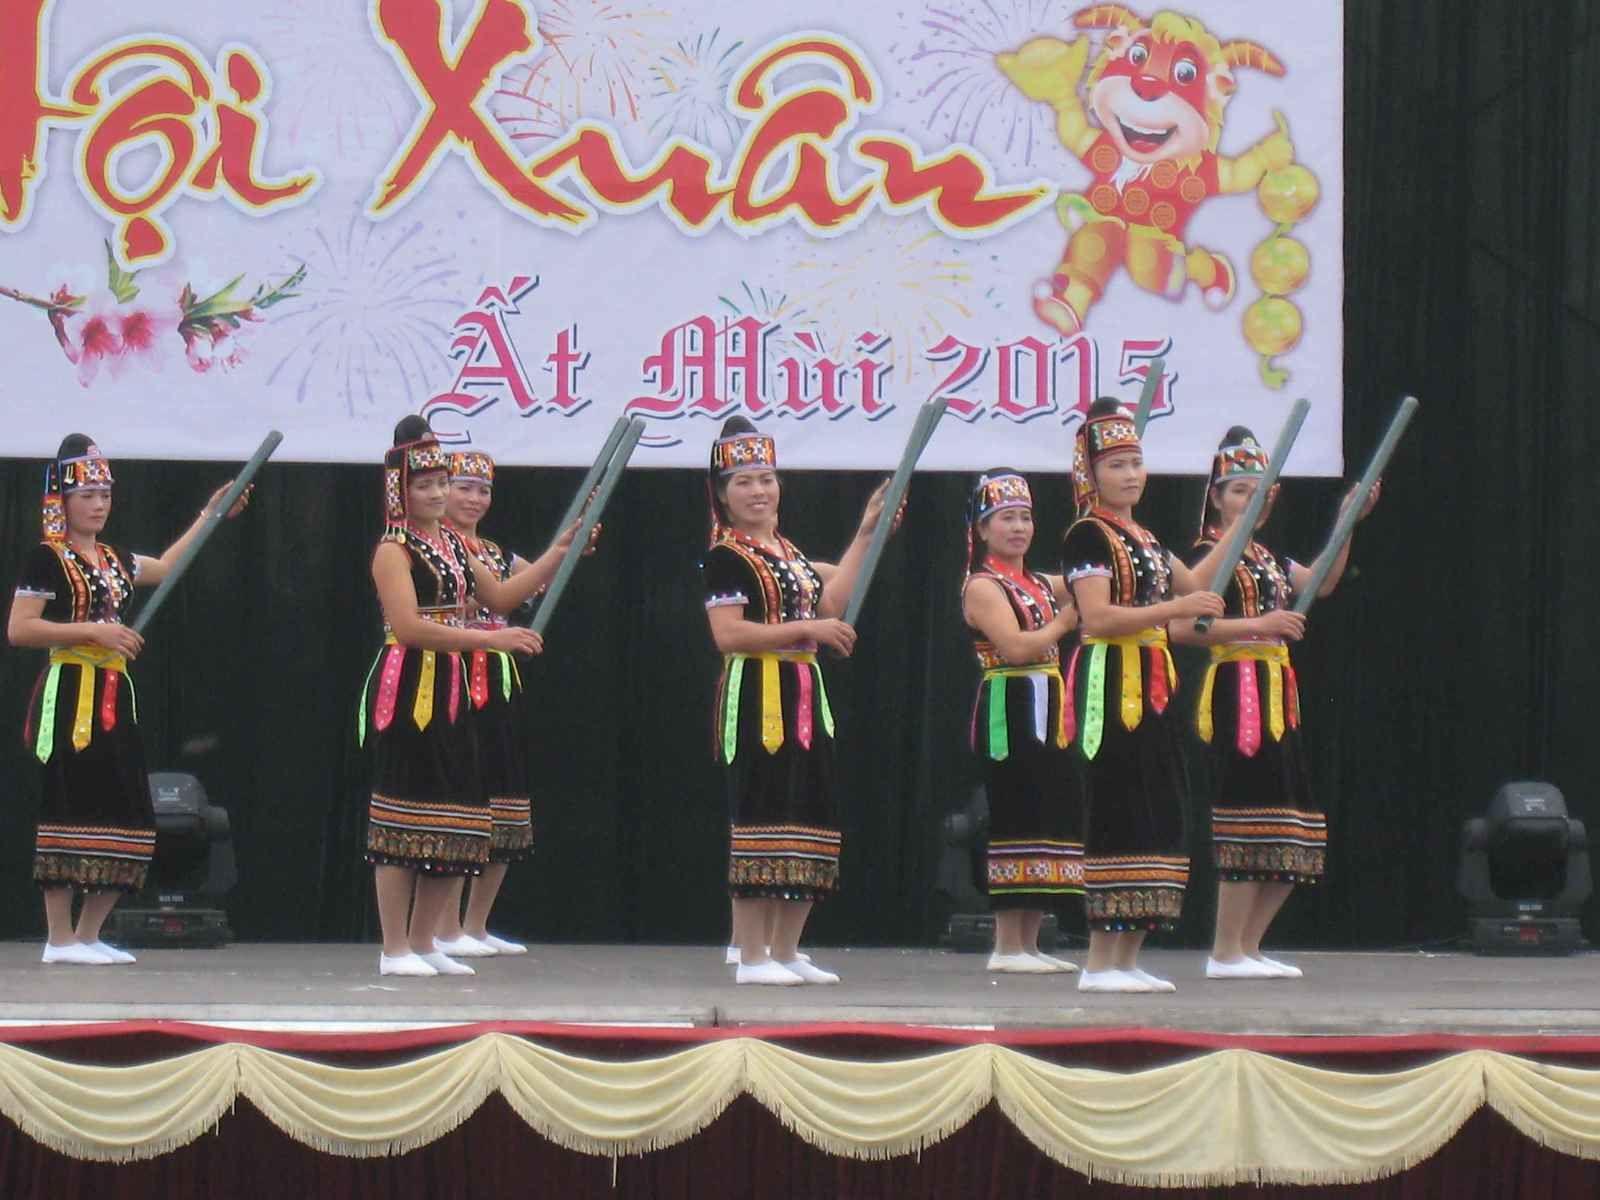 Concours de danse de grande tenue avec jury et caméra de télévision. Sur la seconde photo, en fronton du batiment, Ho Chi Minh père de la patrie